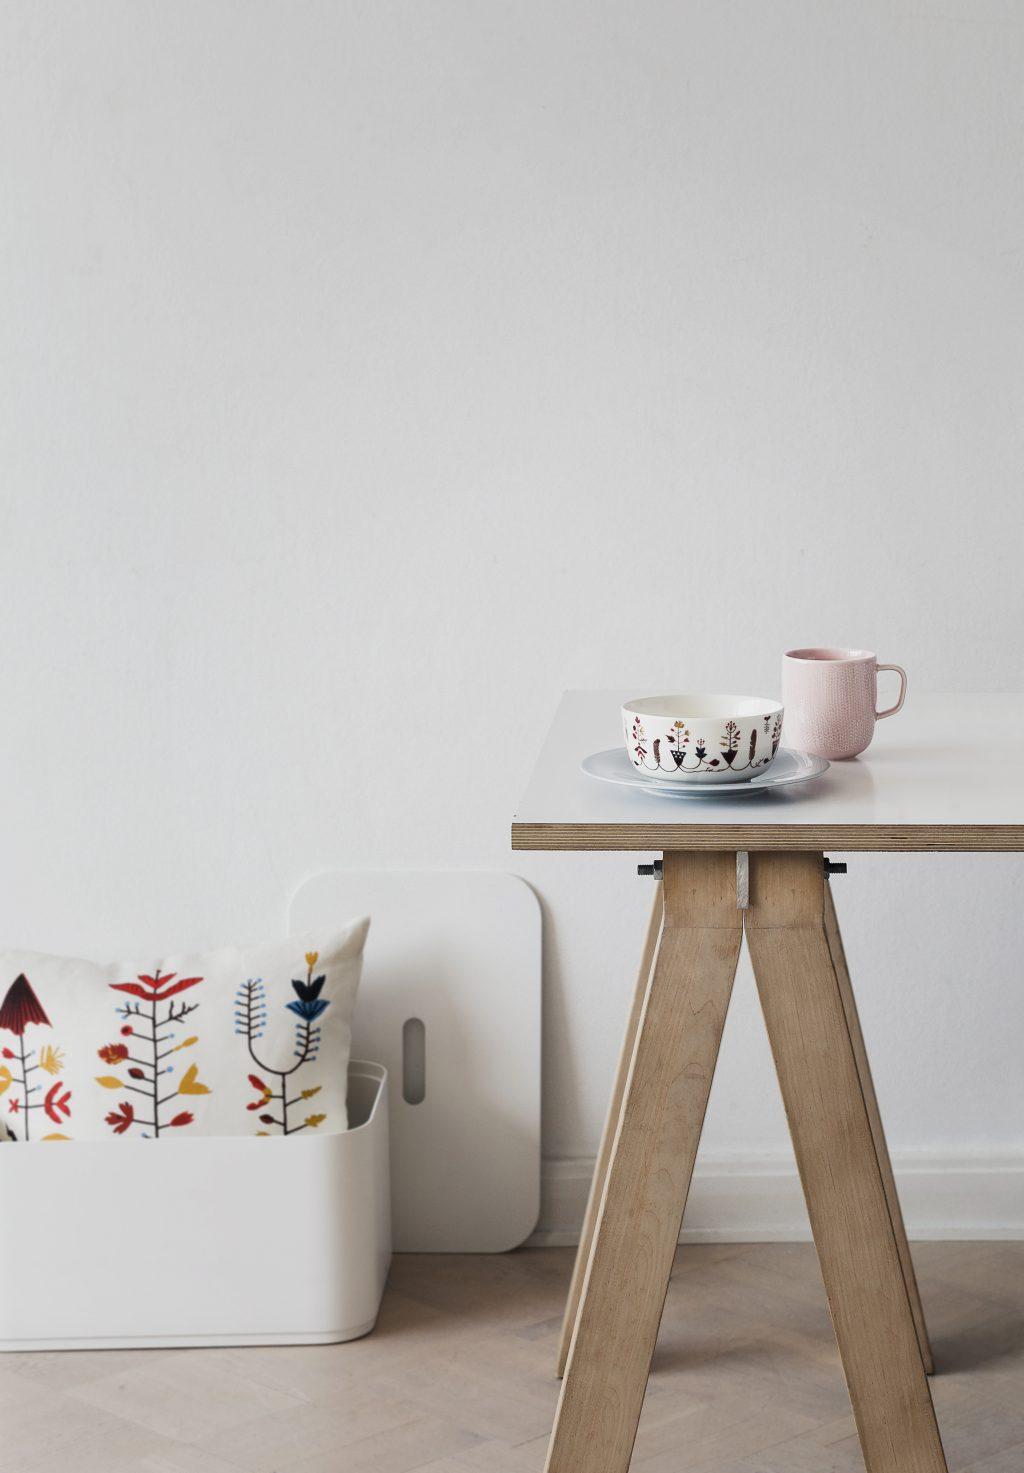 Varpu, Plektra, Aarre and Kaasa for Iittala Oy for Iittala by Susanna Vento